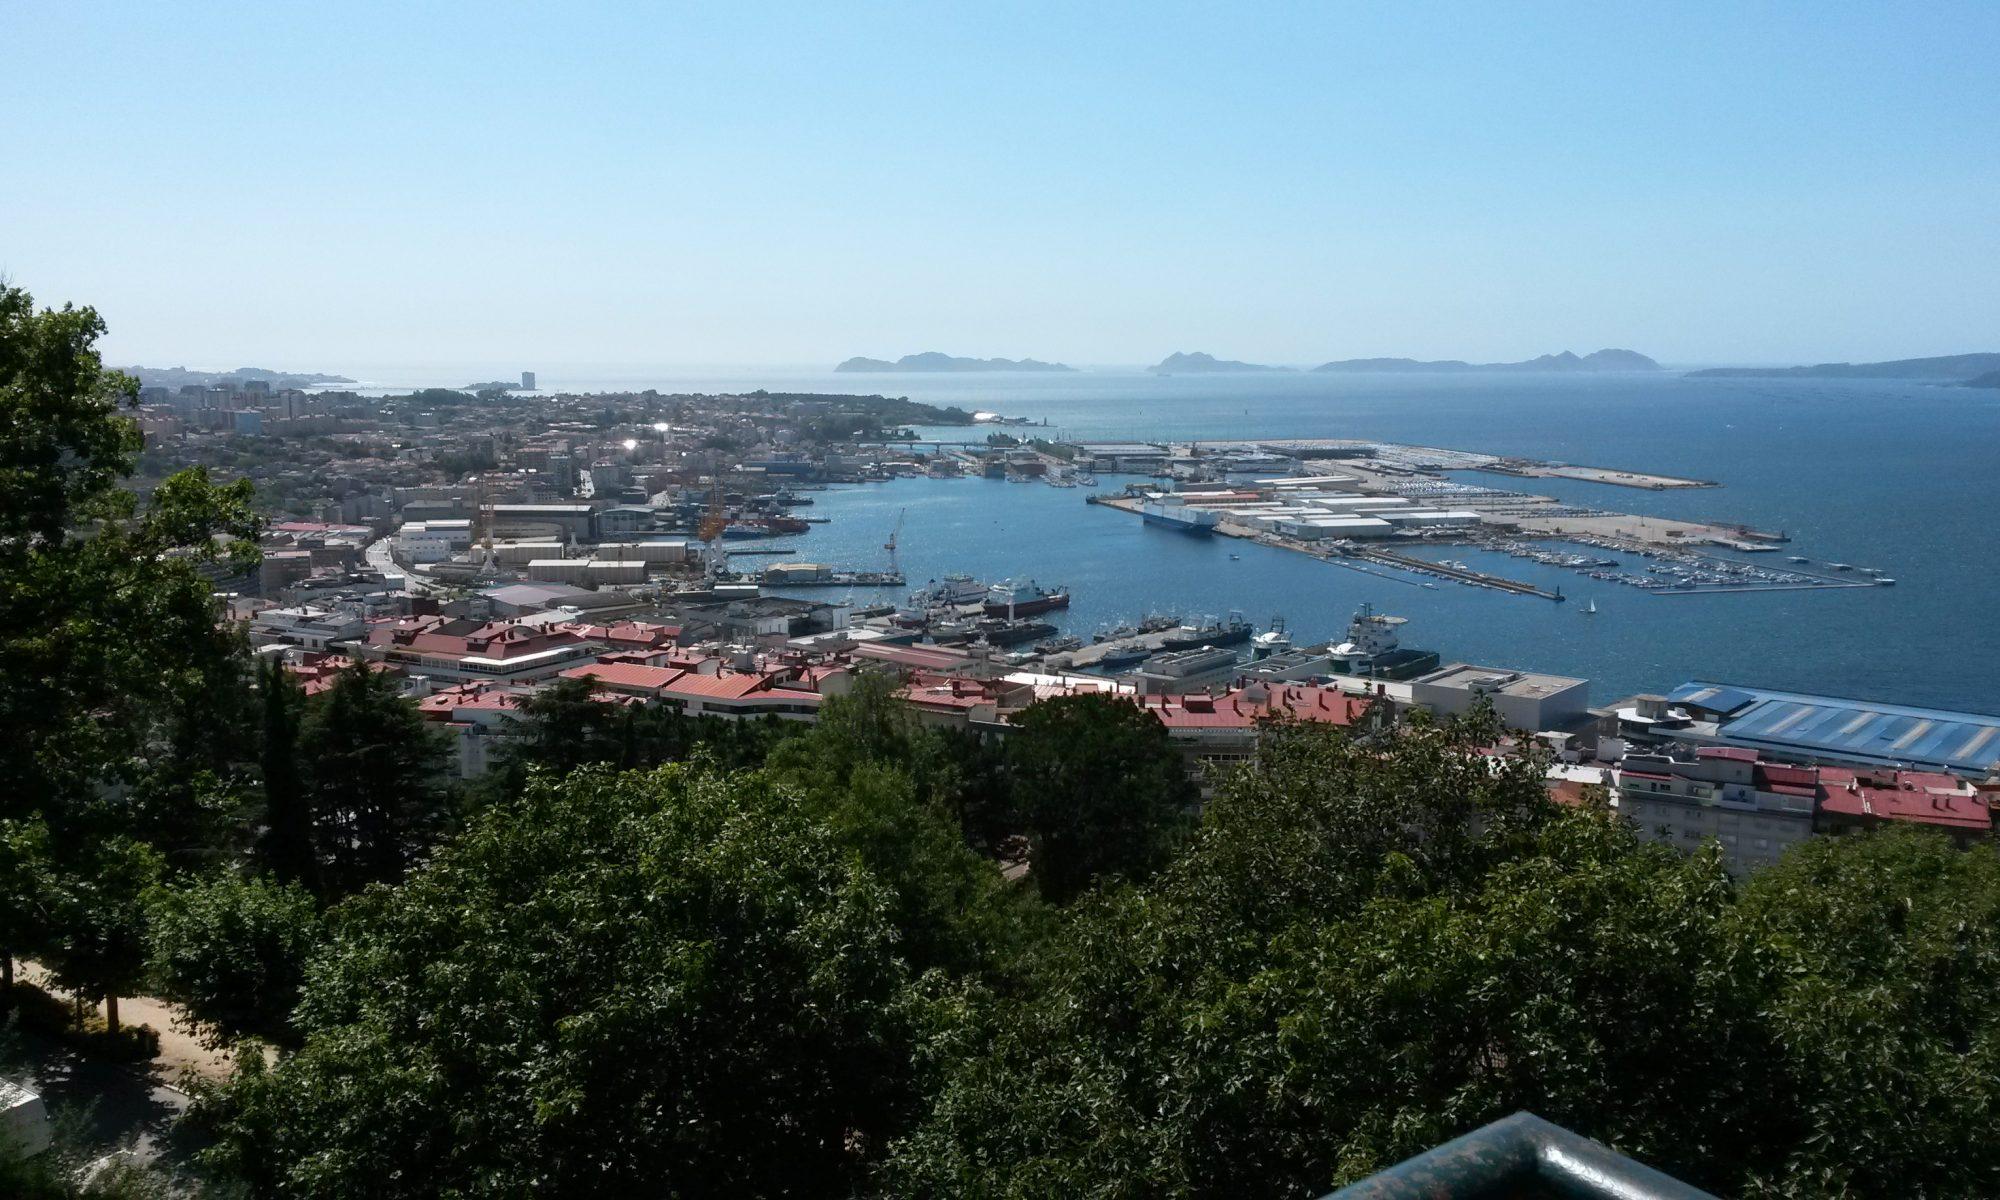 Vigo Marina - an der Atlantikküste von Spanien. Ein spannendes Küstenrevier in Galizien.